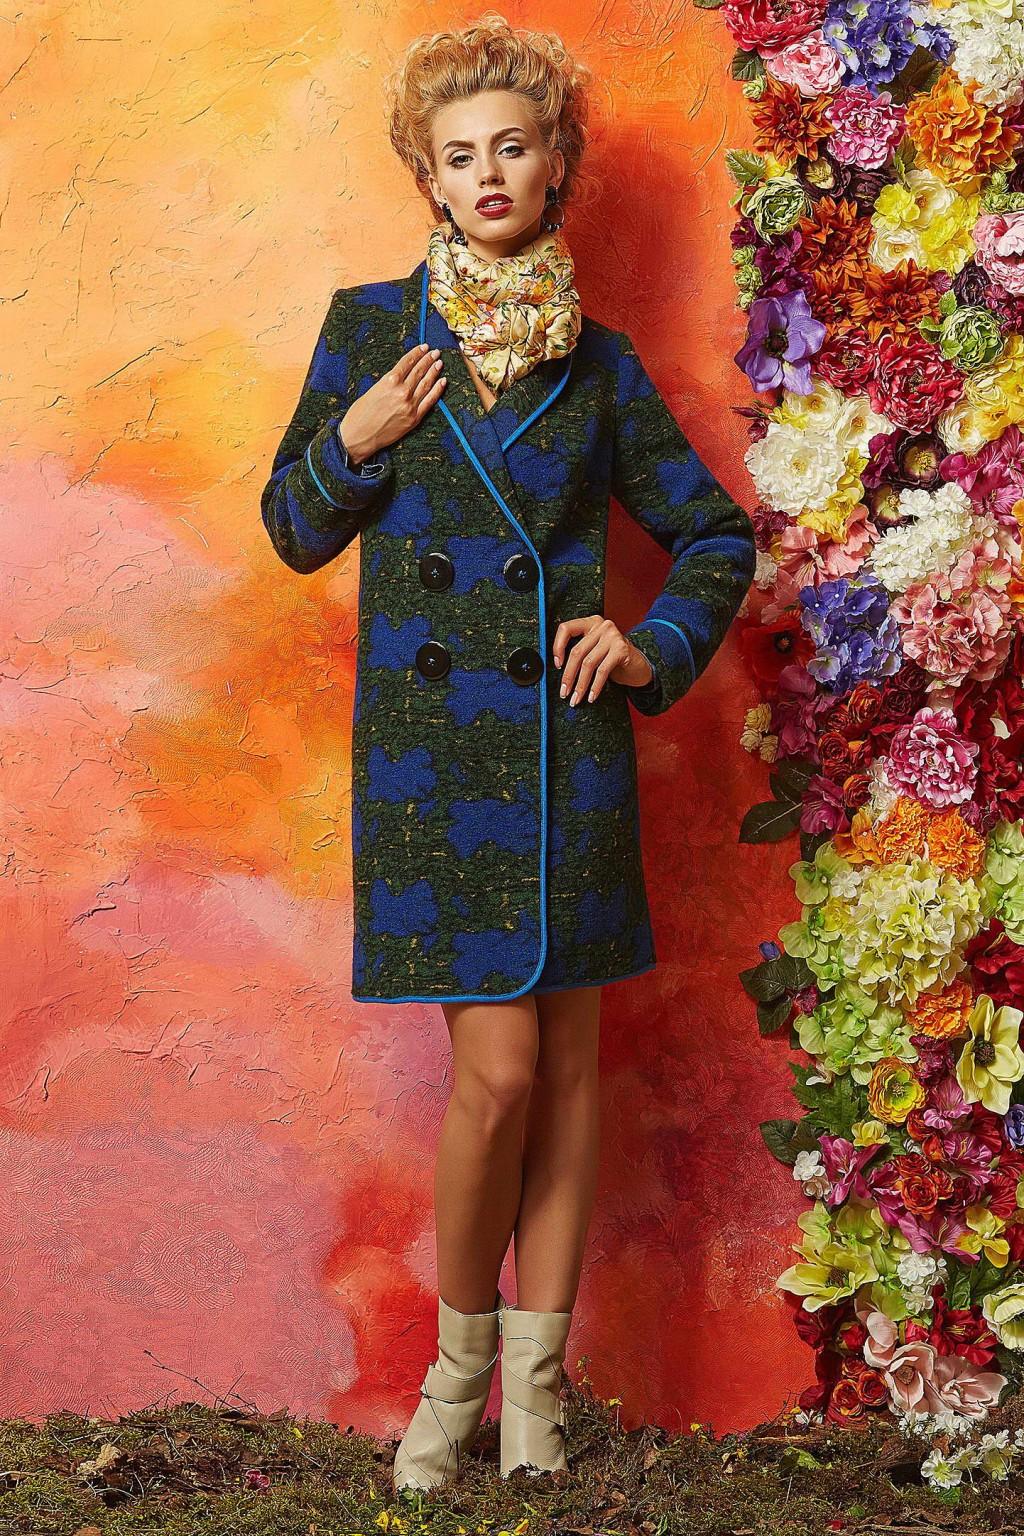 Сбор заказов. Жаркие скидки на прошлогодние и летние коллекции!!! Романтичная, натуральная, всегда красивая белорусская Lеntа.Чувственная, нежная, женственная, сводящая с ума-21.